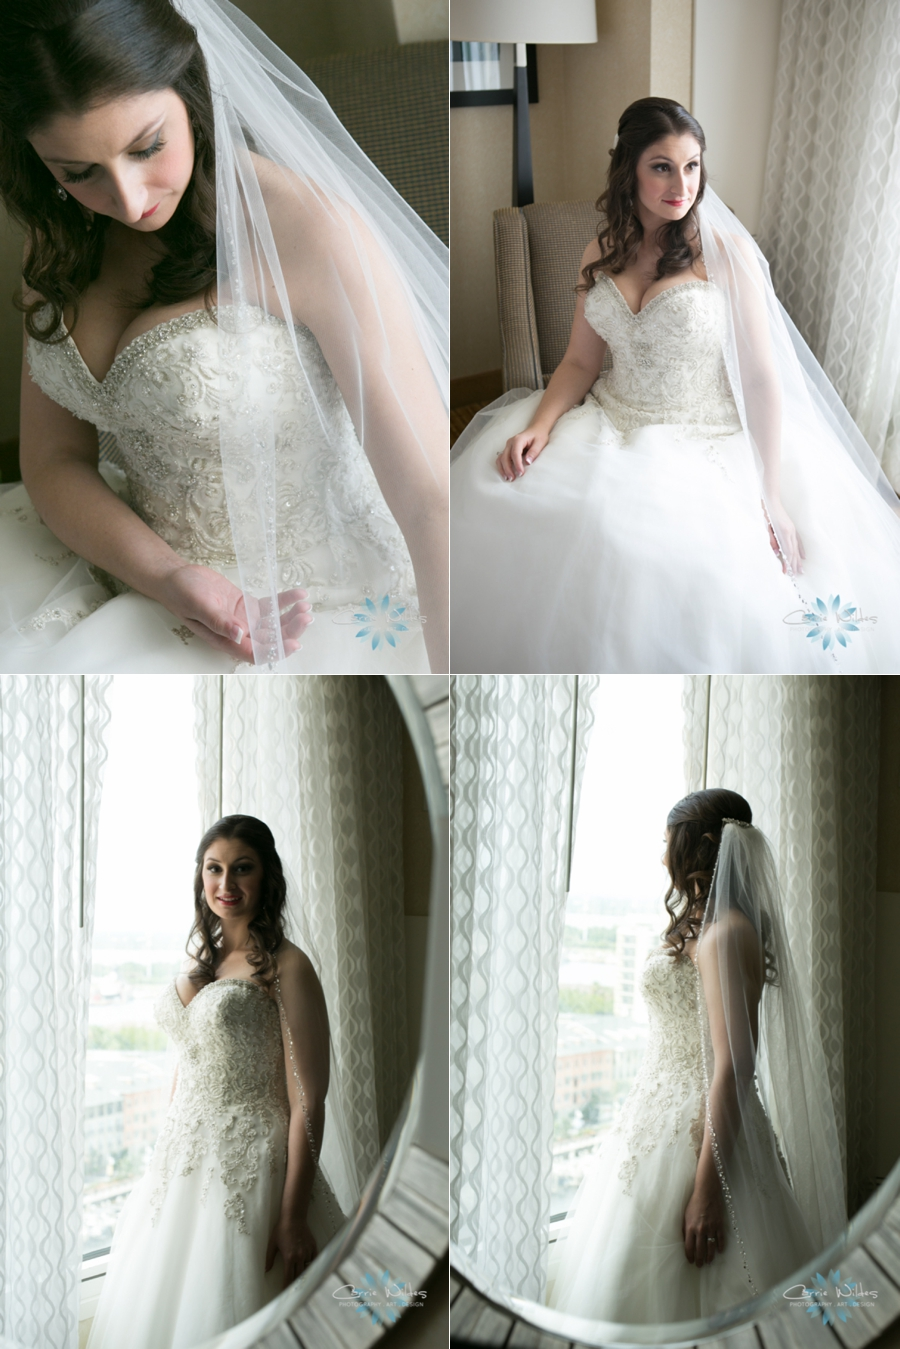 4_11_15 Palma Ceia Wedding_0007.jpg